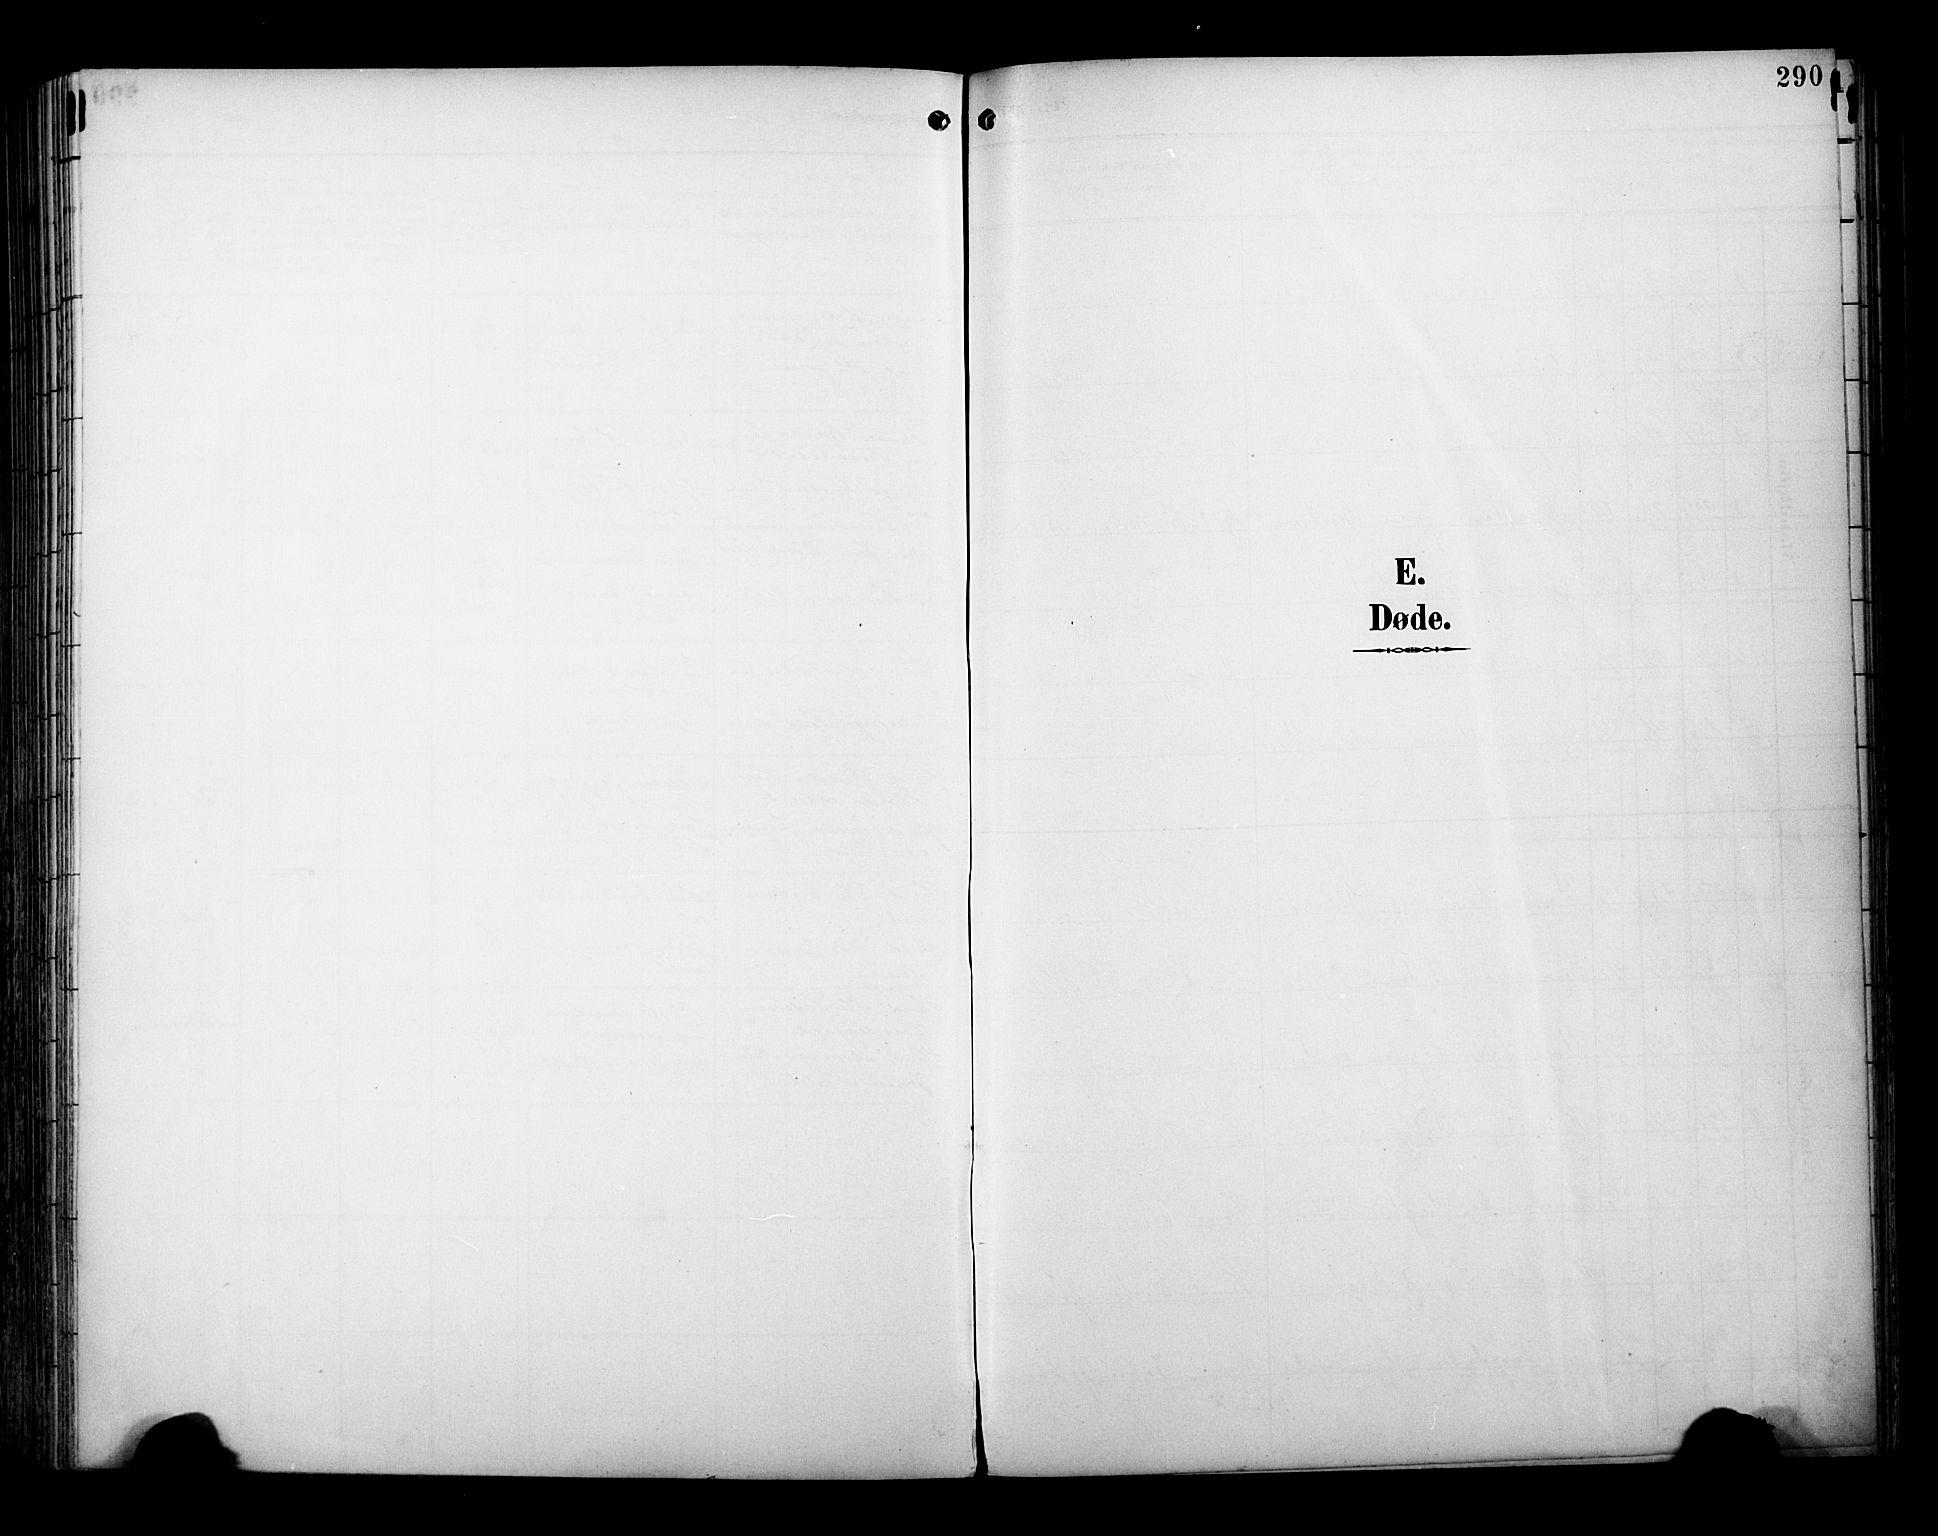 SAT, Ministerialprotokoller, klokkerbøker og fødselsregistre - Sør-Trøndelag, 695/L1149: Ministerialbok nr. 695A09, 1891-1902, s. 290